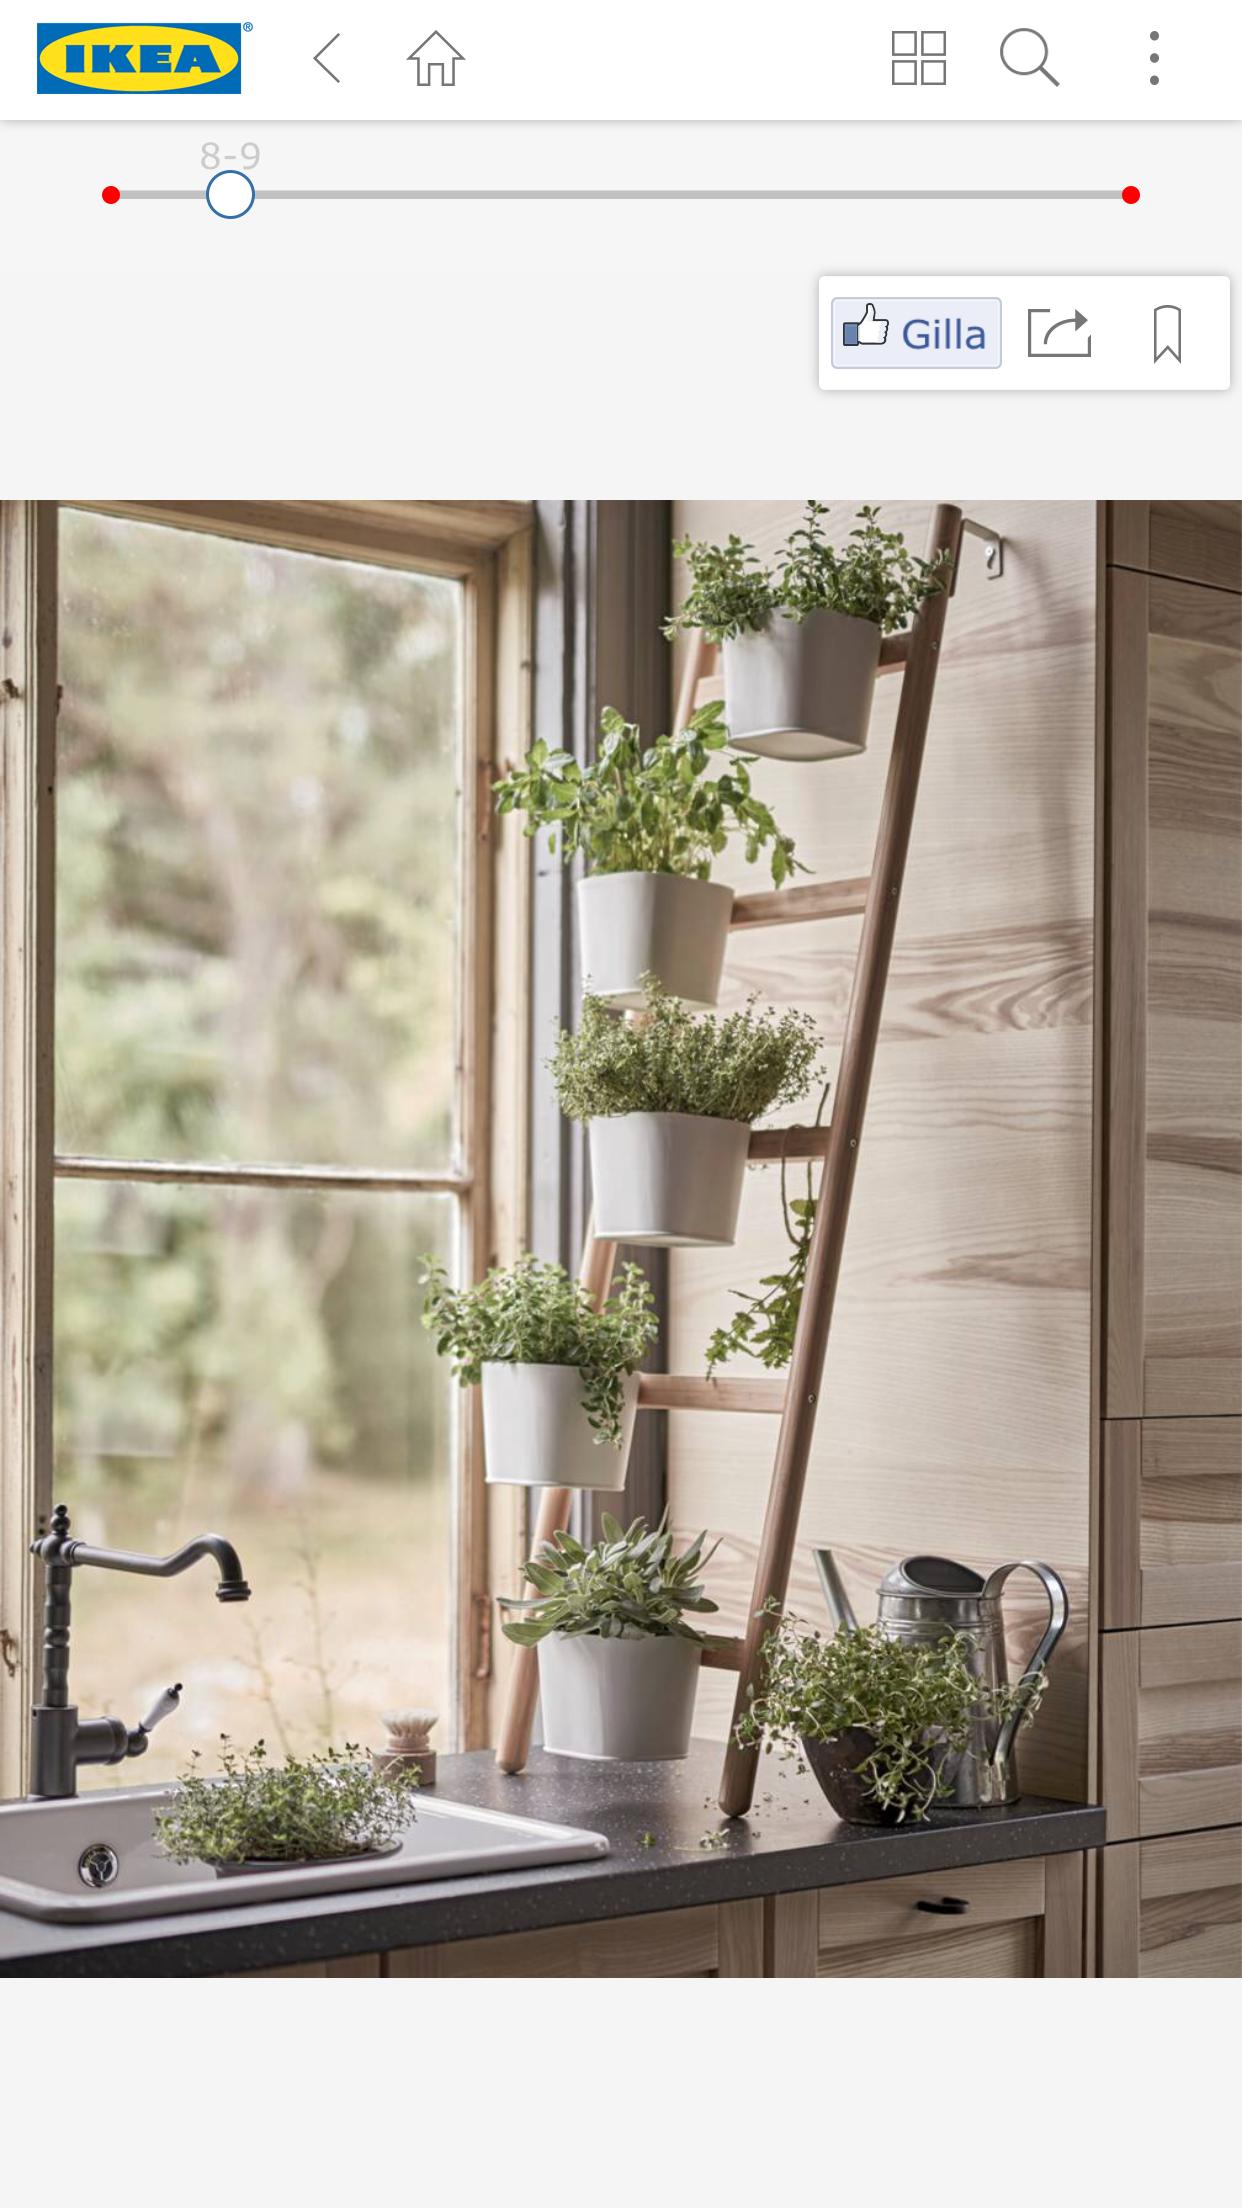 Deko Frühling, Deko Basteln, Diy Deko, Wohnung Möbel, Neue Wohnung, Balkon  Pflanzen, Helferlein, Landlust, Kleine Küche